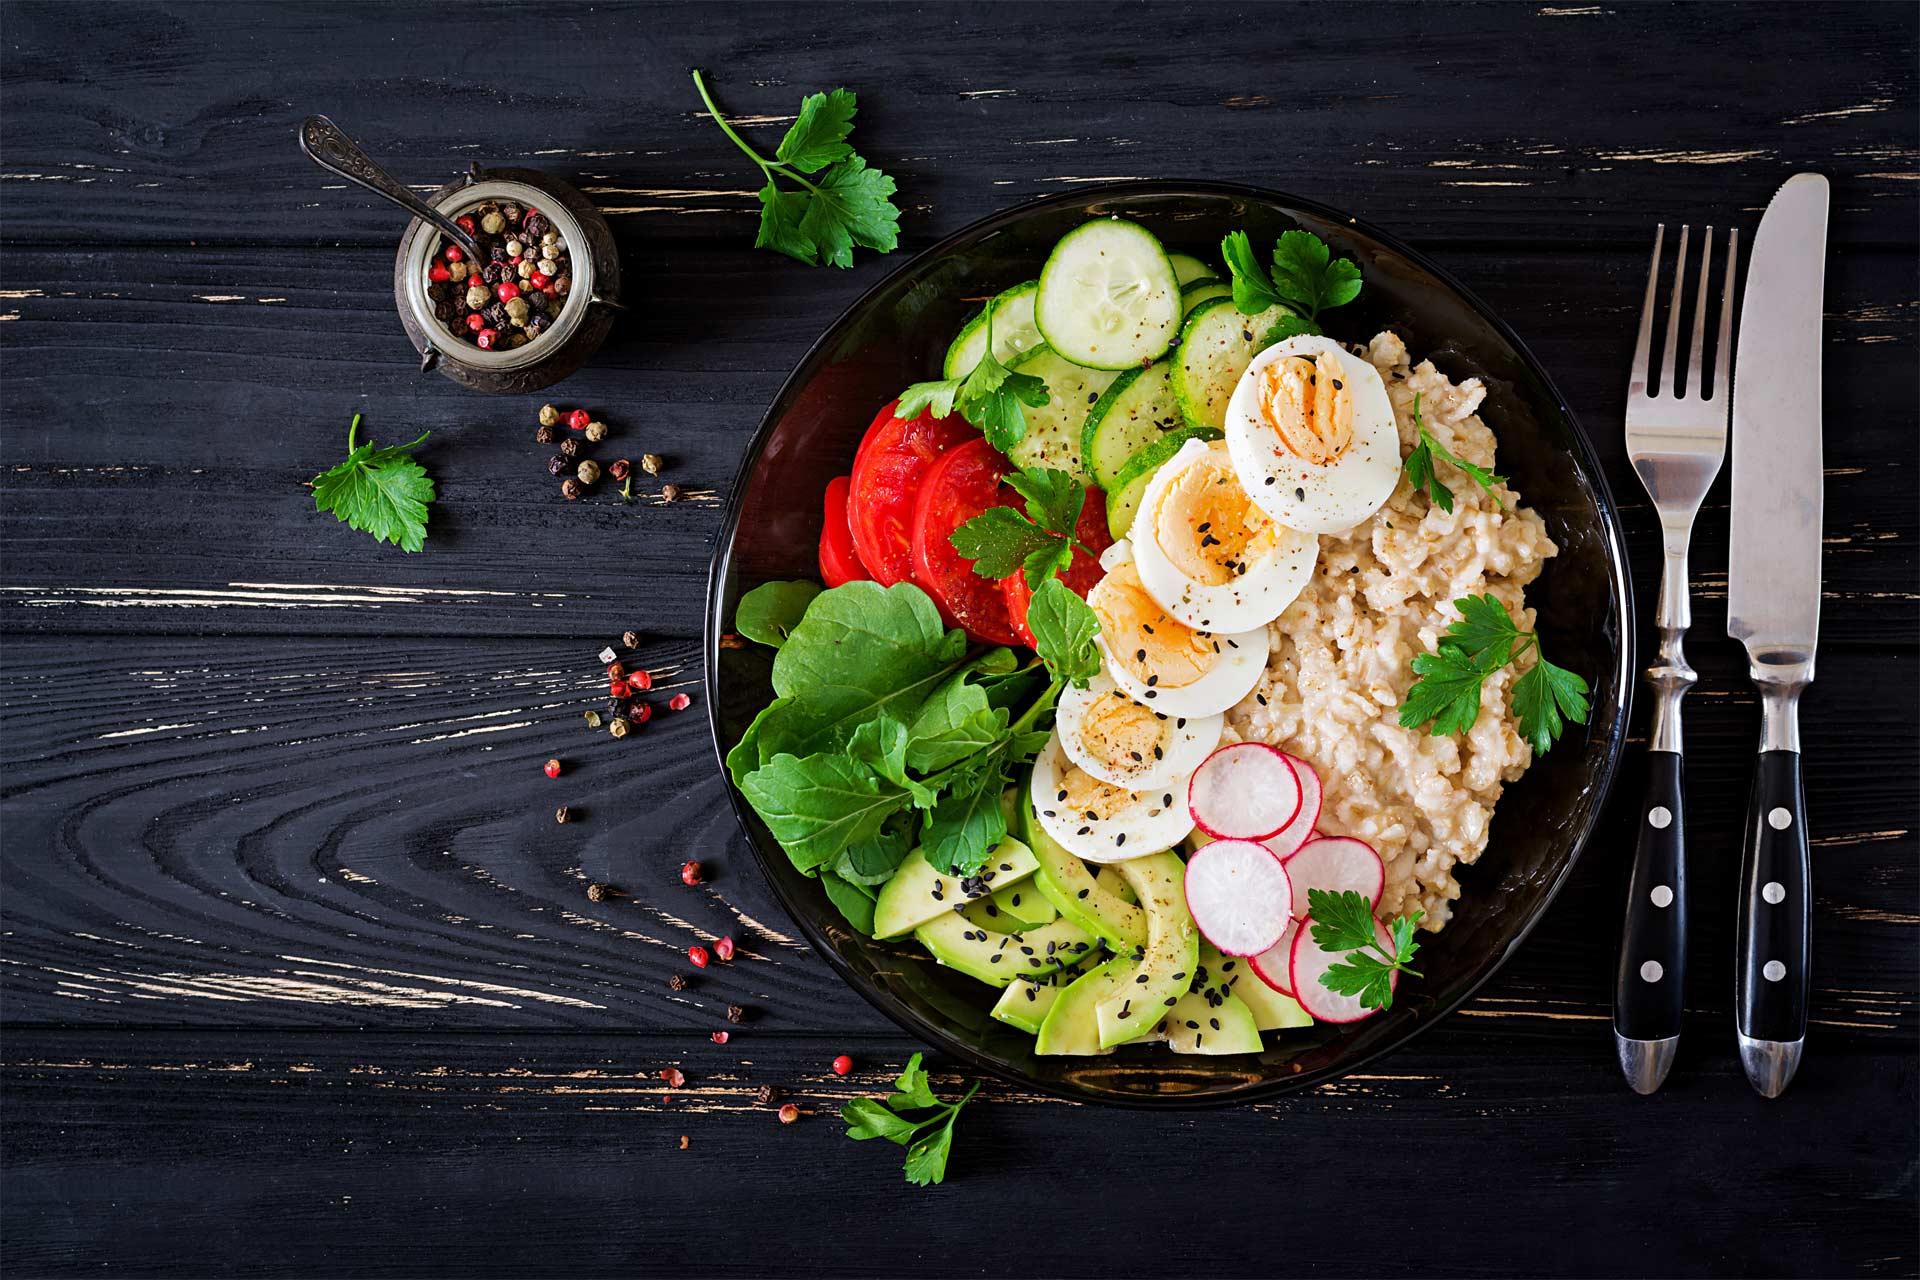 Eine Salatbowl, die dekorativ hergerichtet ist